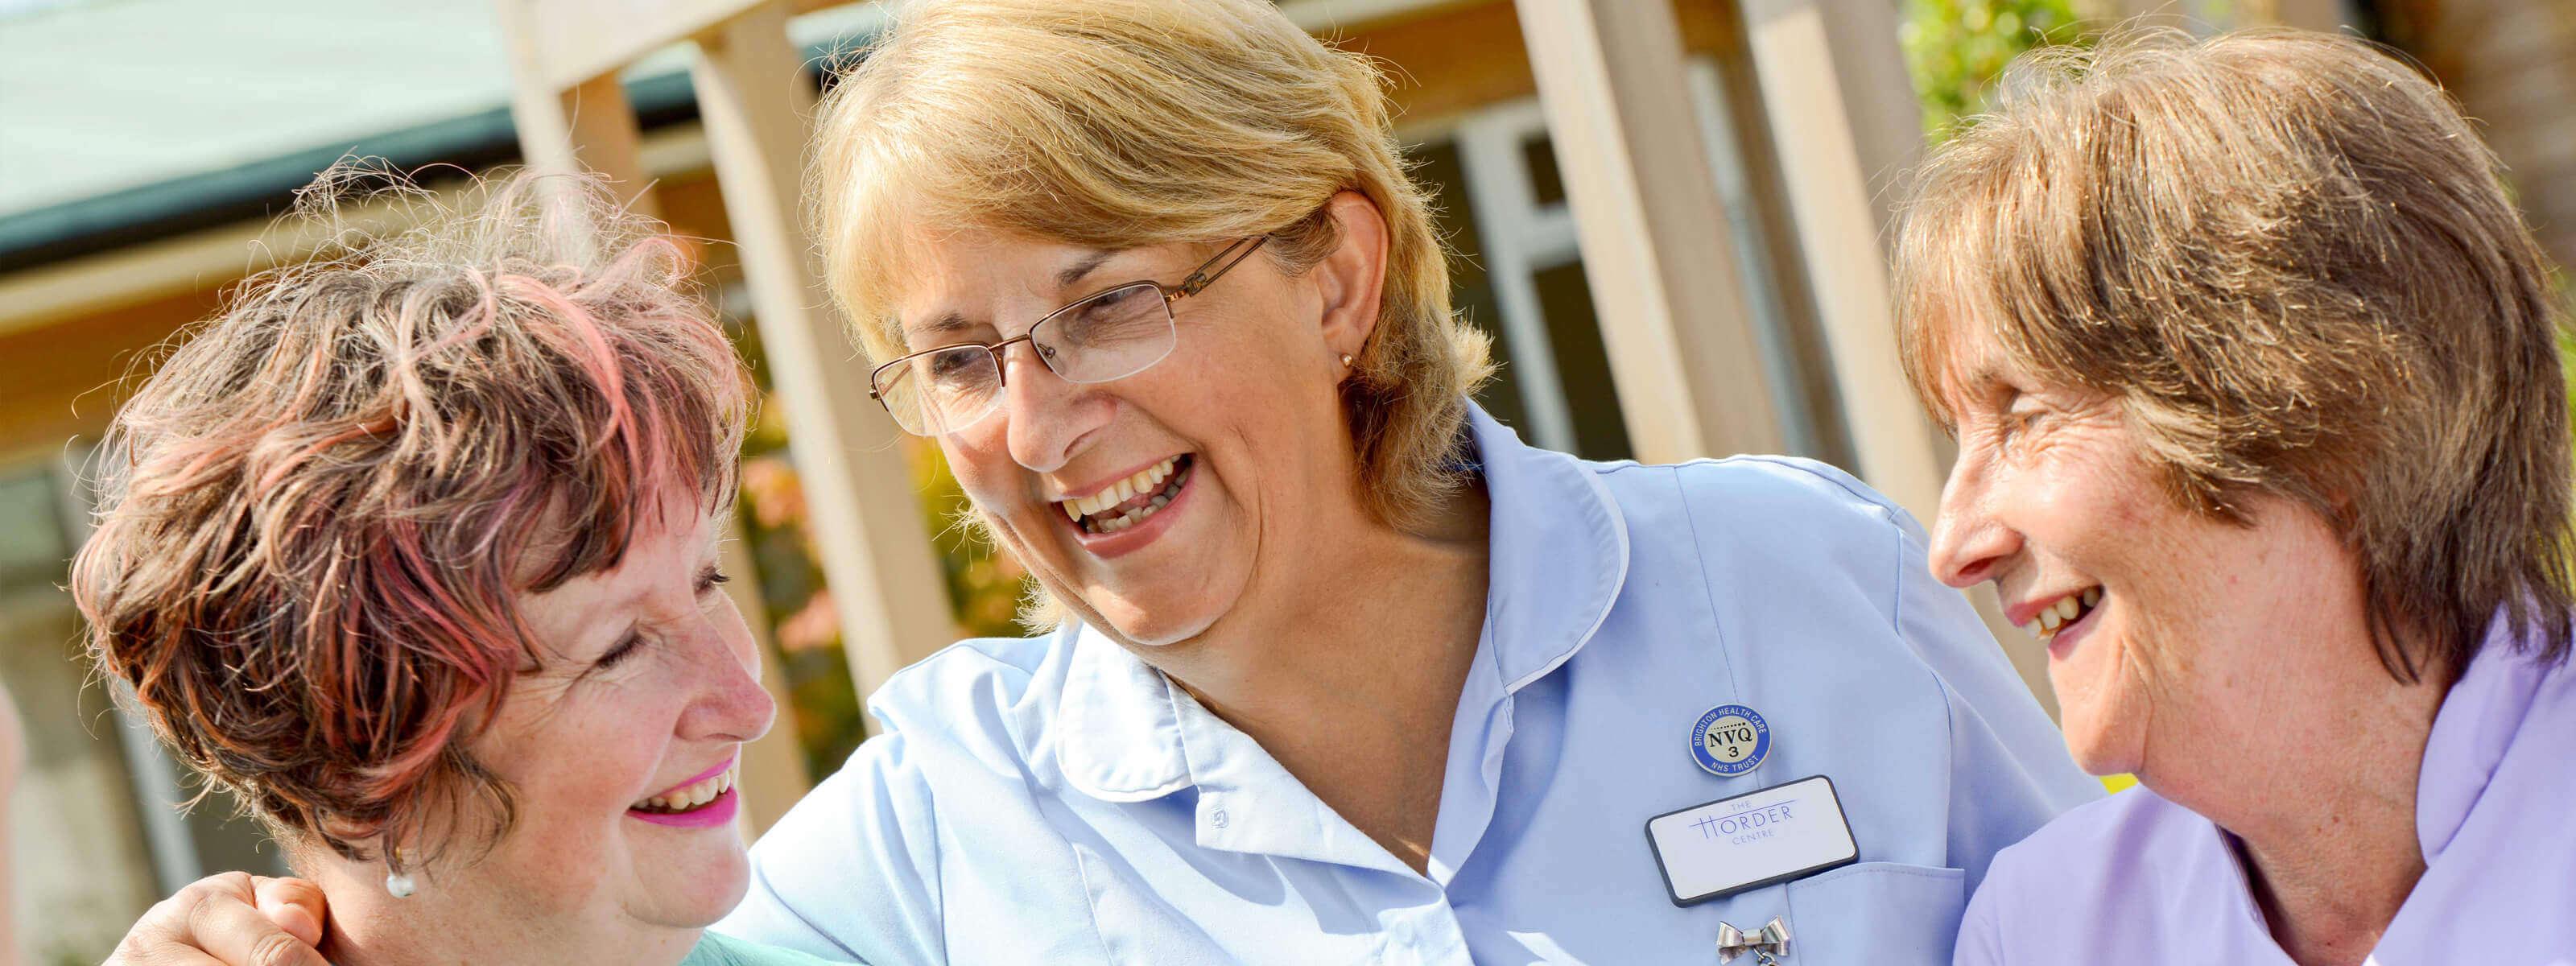 Nursing staff at Horder Healthcare